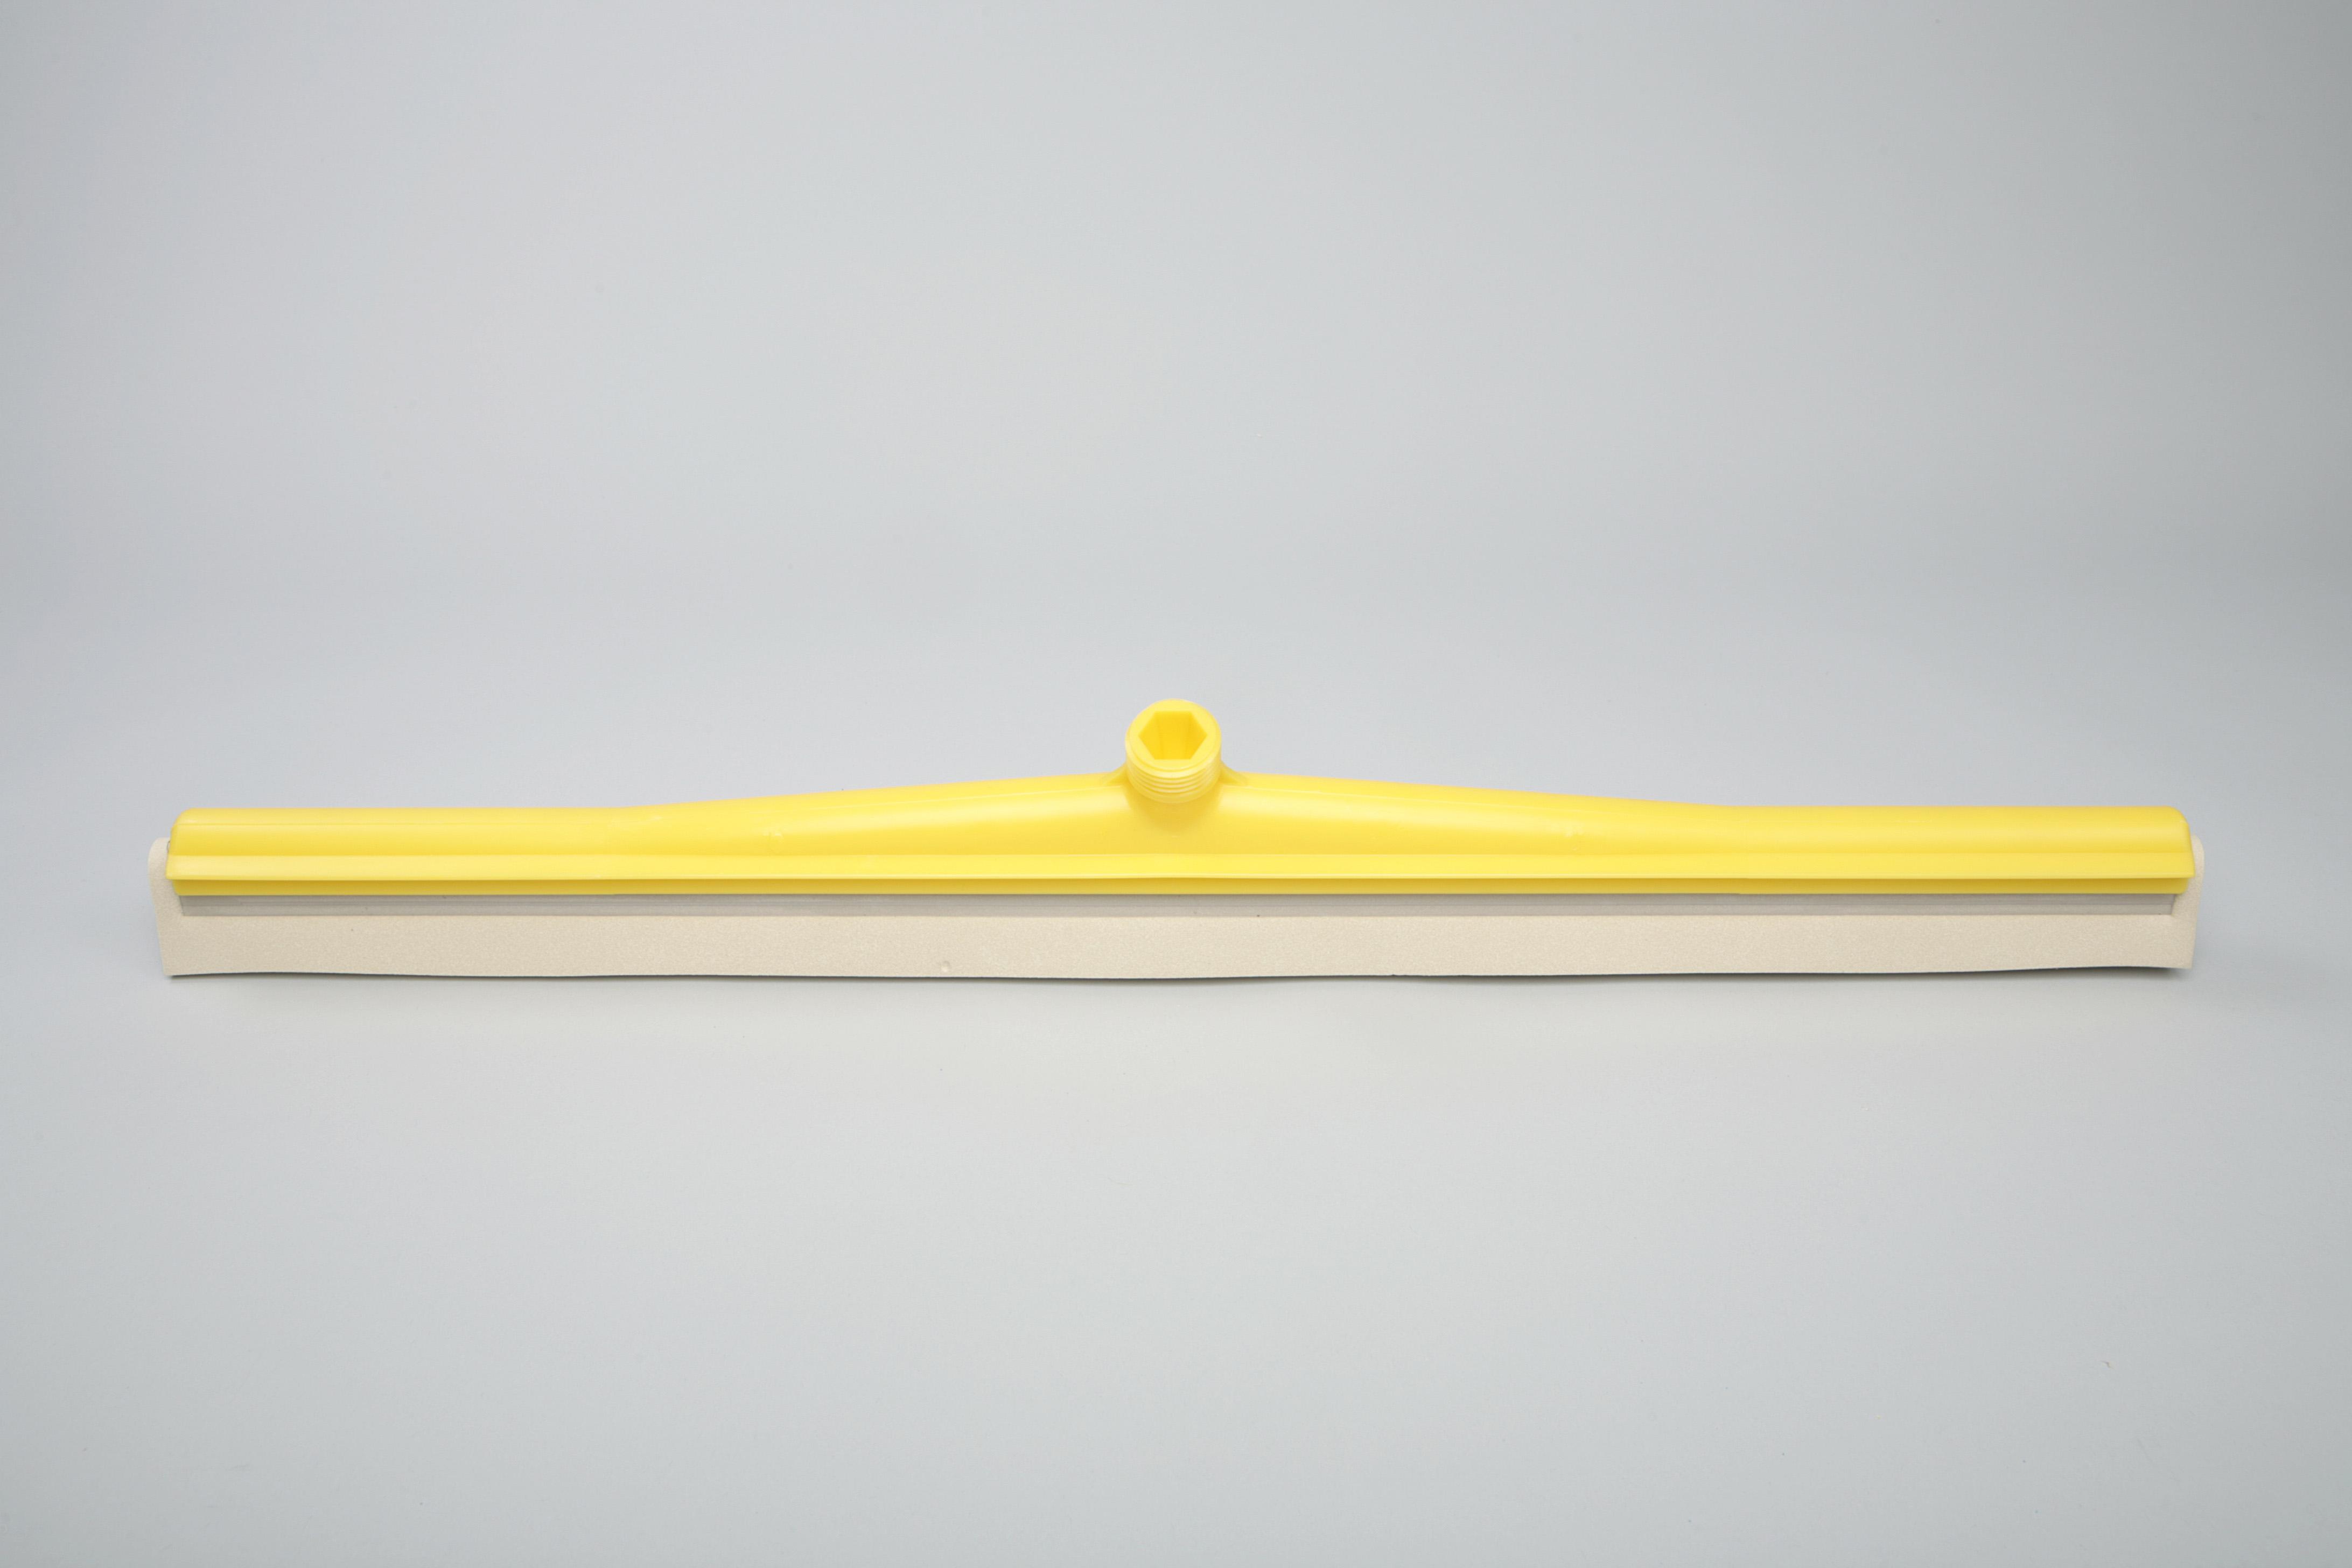 Unimop põrandakuivataja 60 cm, kollane, kastis 6 tk